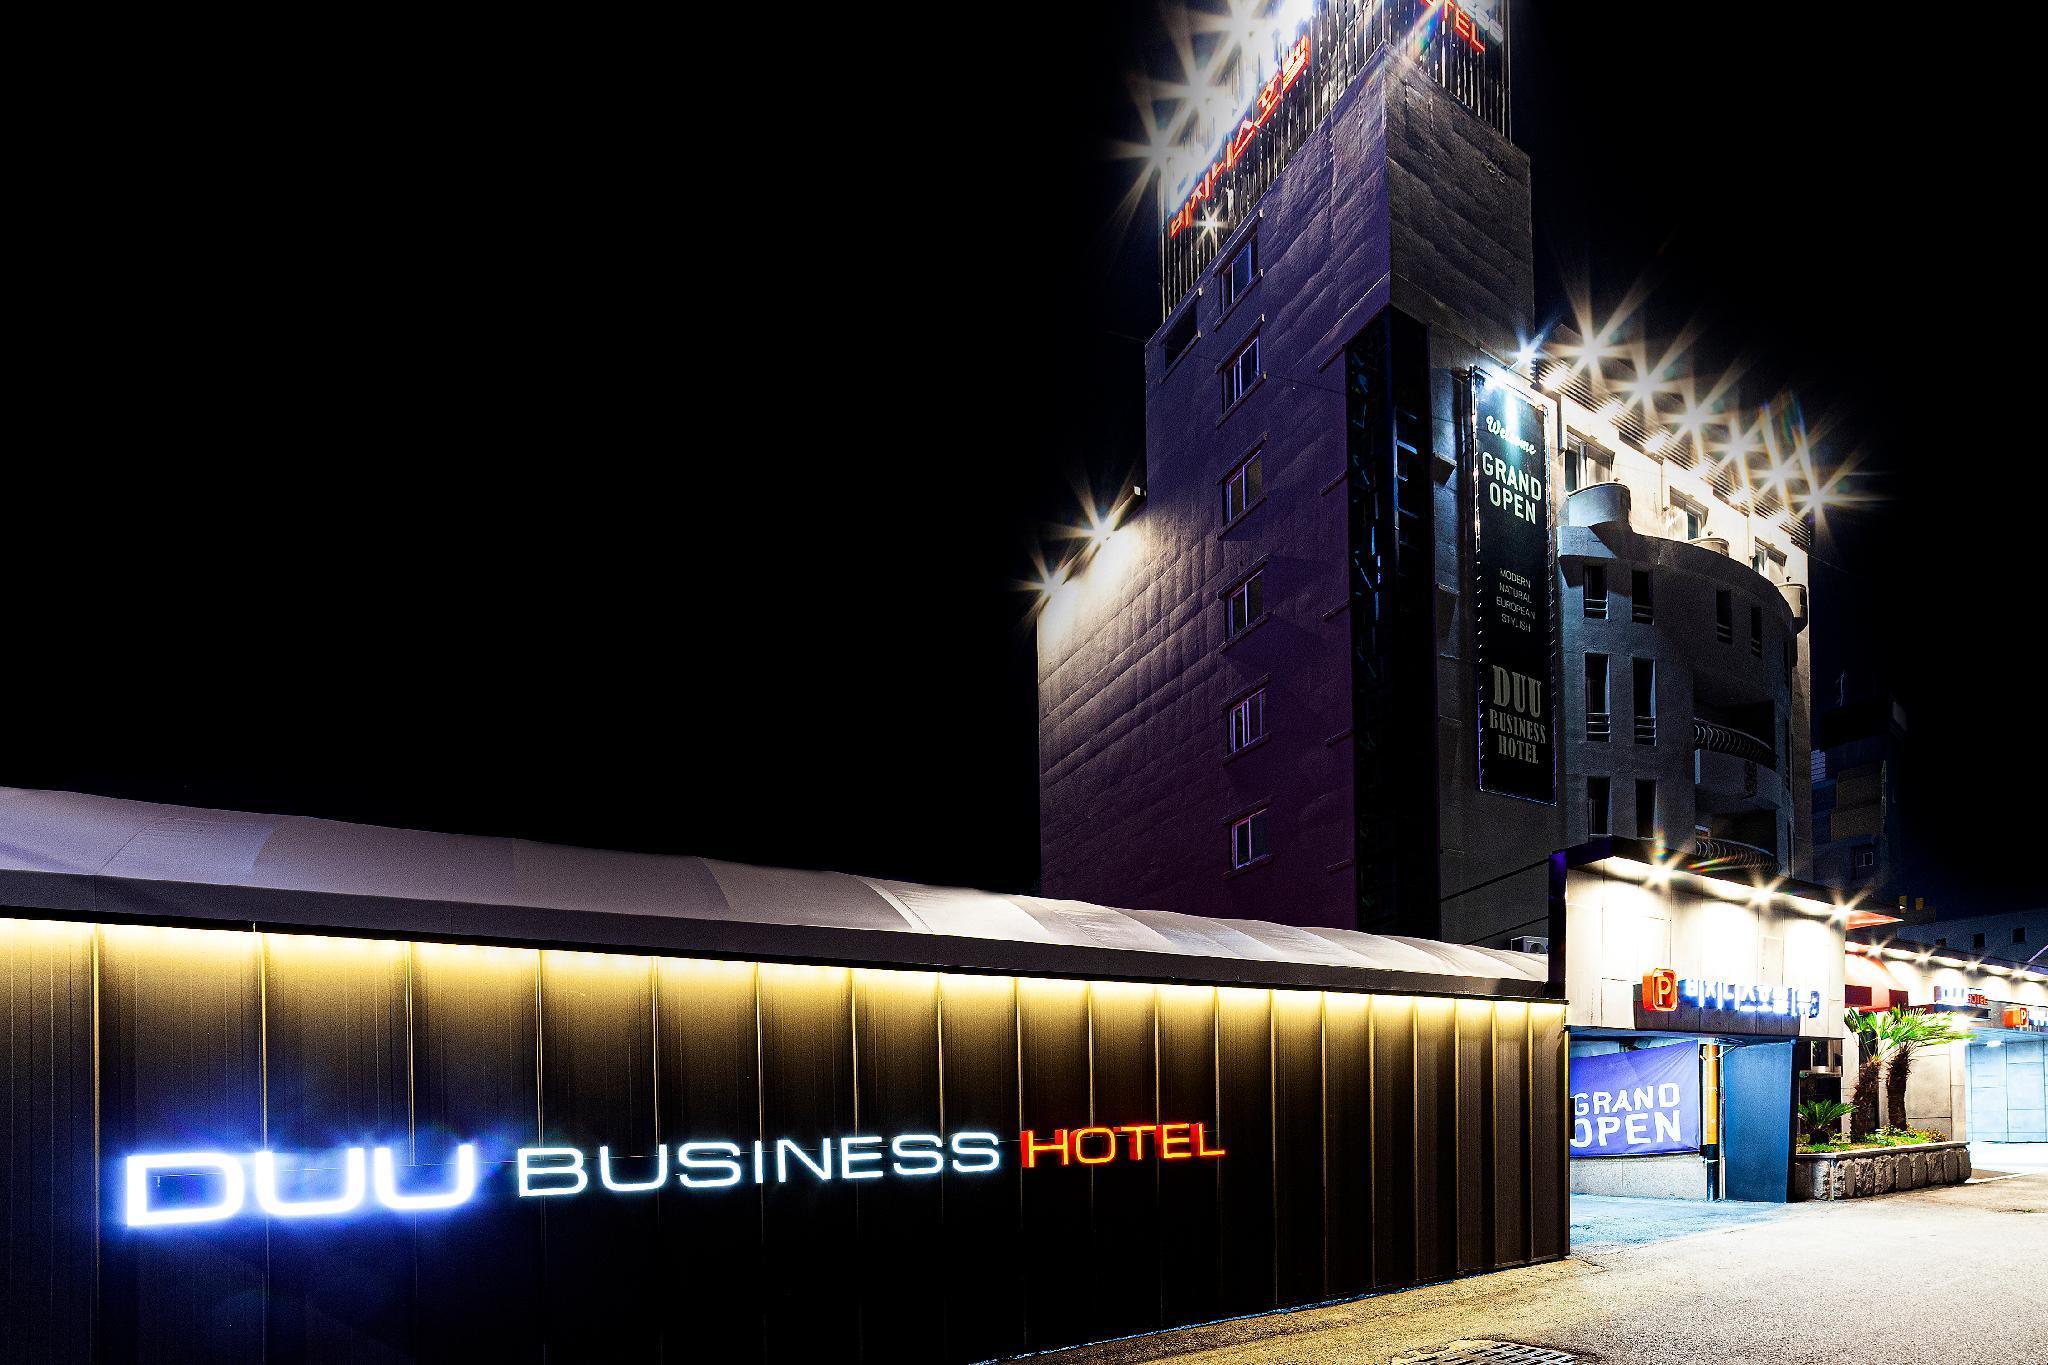 Business Hotel Duu